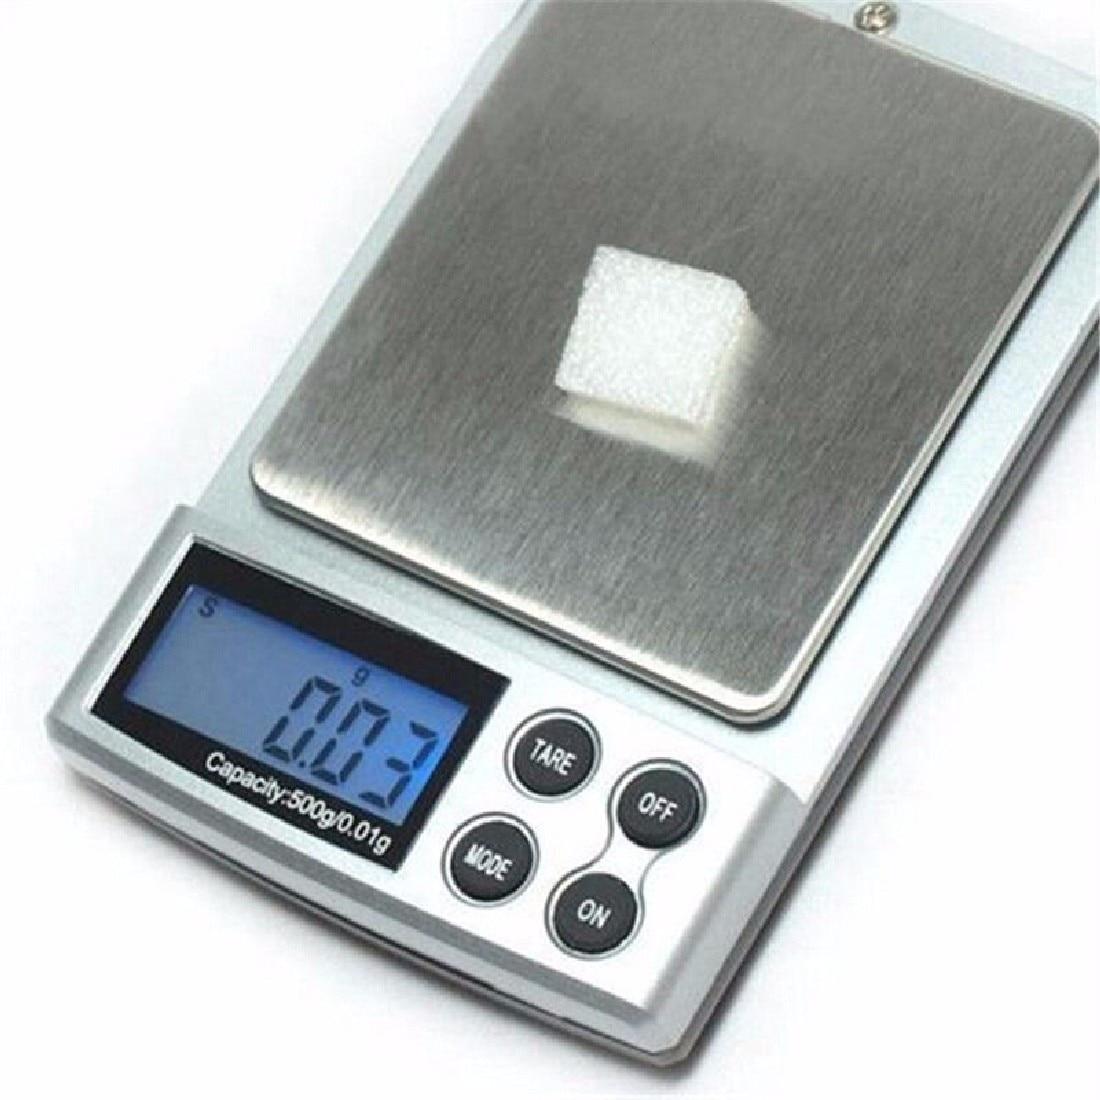 1db 500g x 0,01 g digitális precíziós mérleg arany ezüst ékszerek súlymérleg mérlegek LCD kijelző egységek zseb elektronikus mérlegek